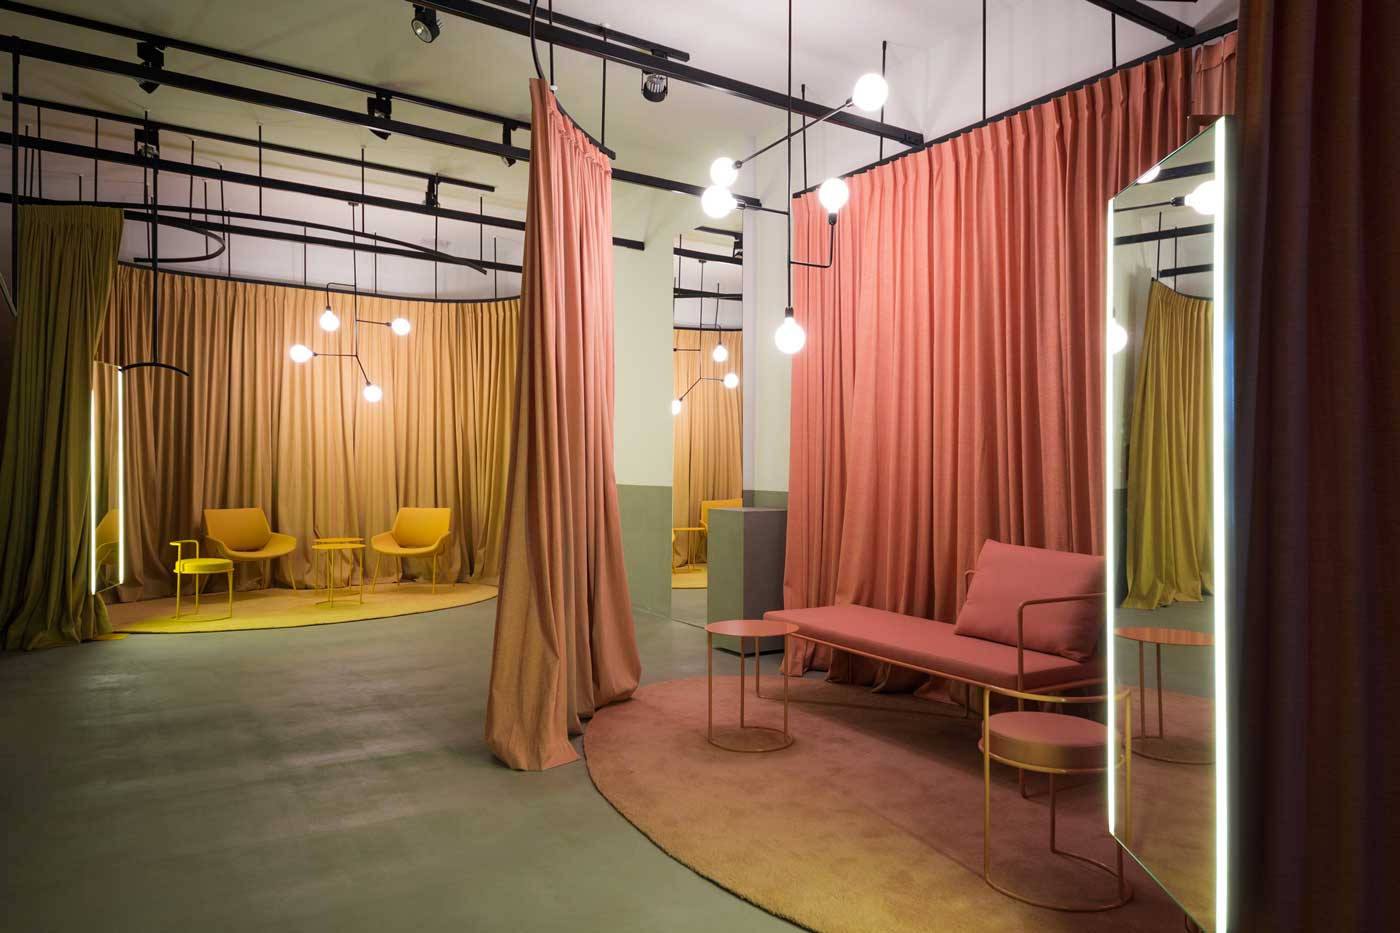 Dans les espaces commerciaux comme les showrooms, de grands rideaux font office de coins d'essayage